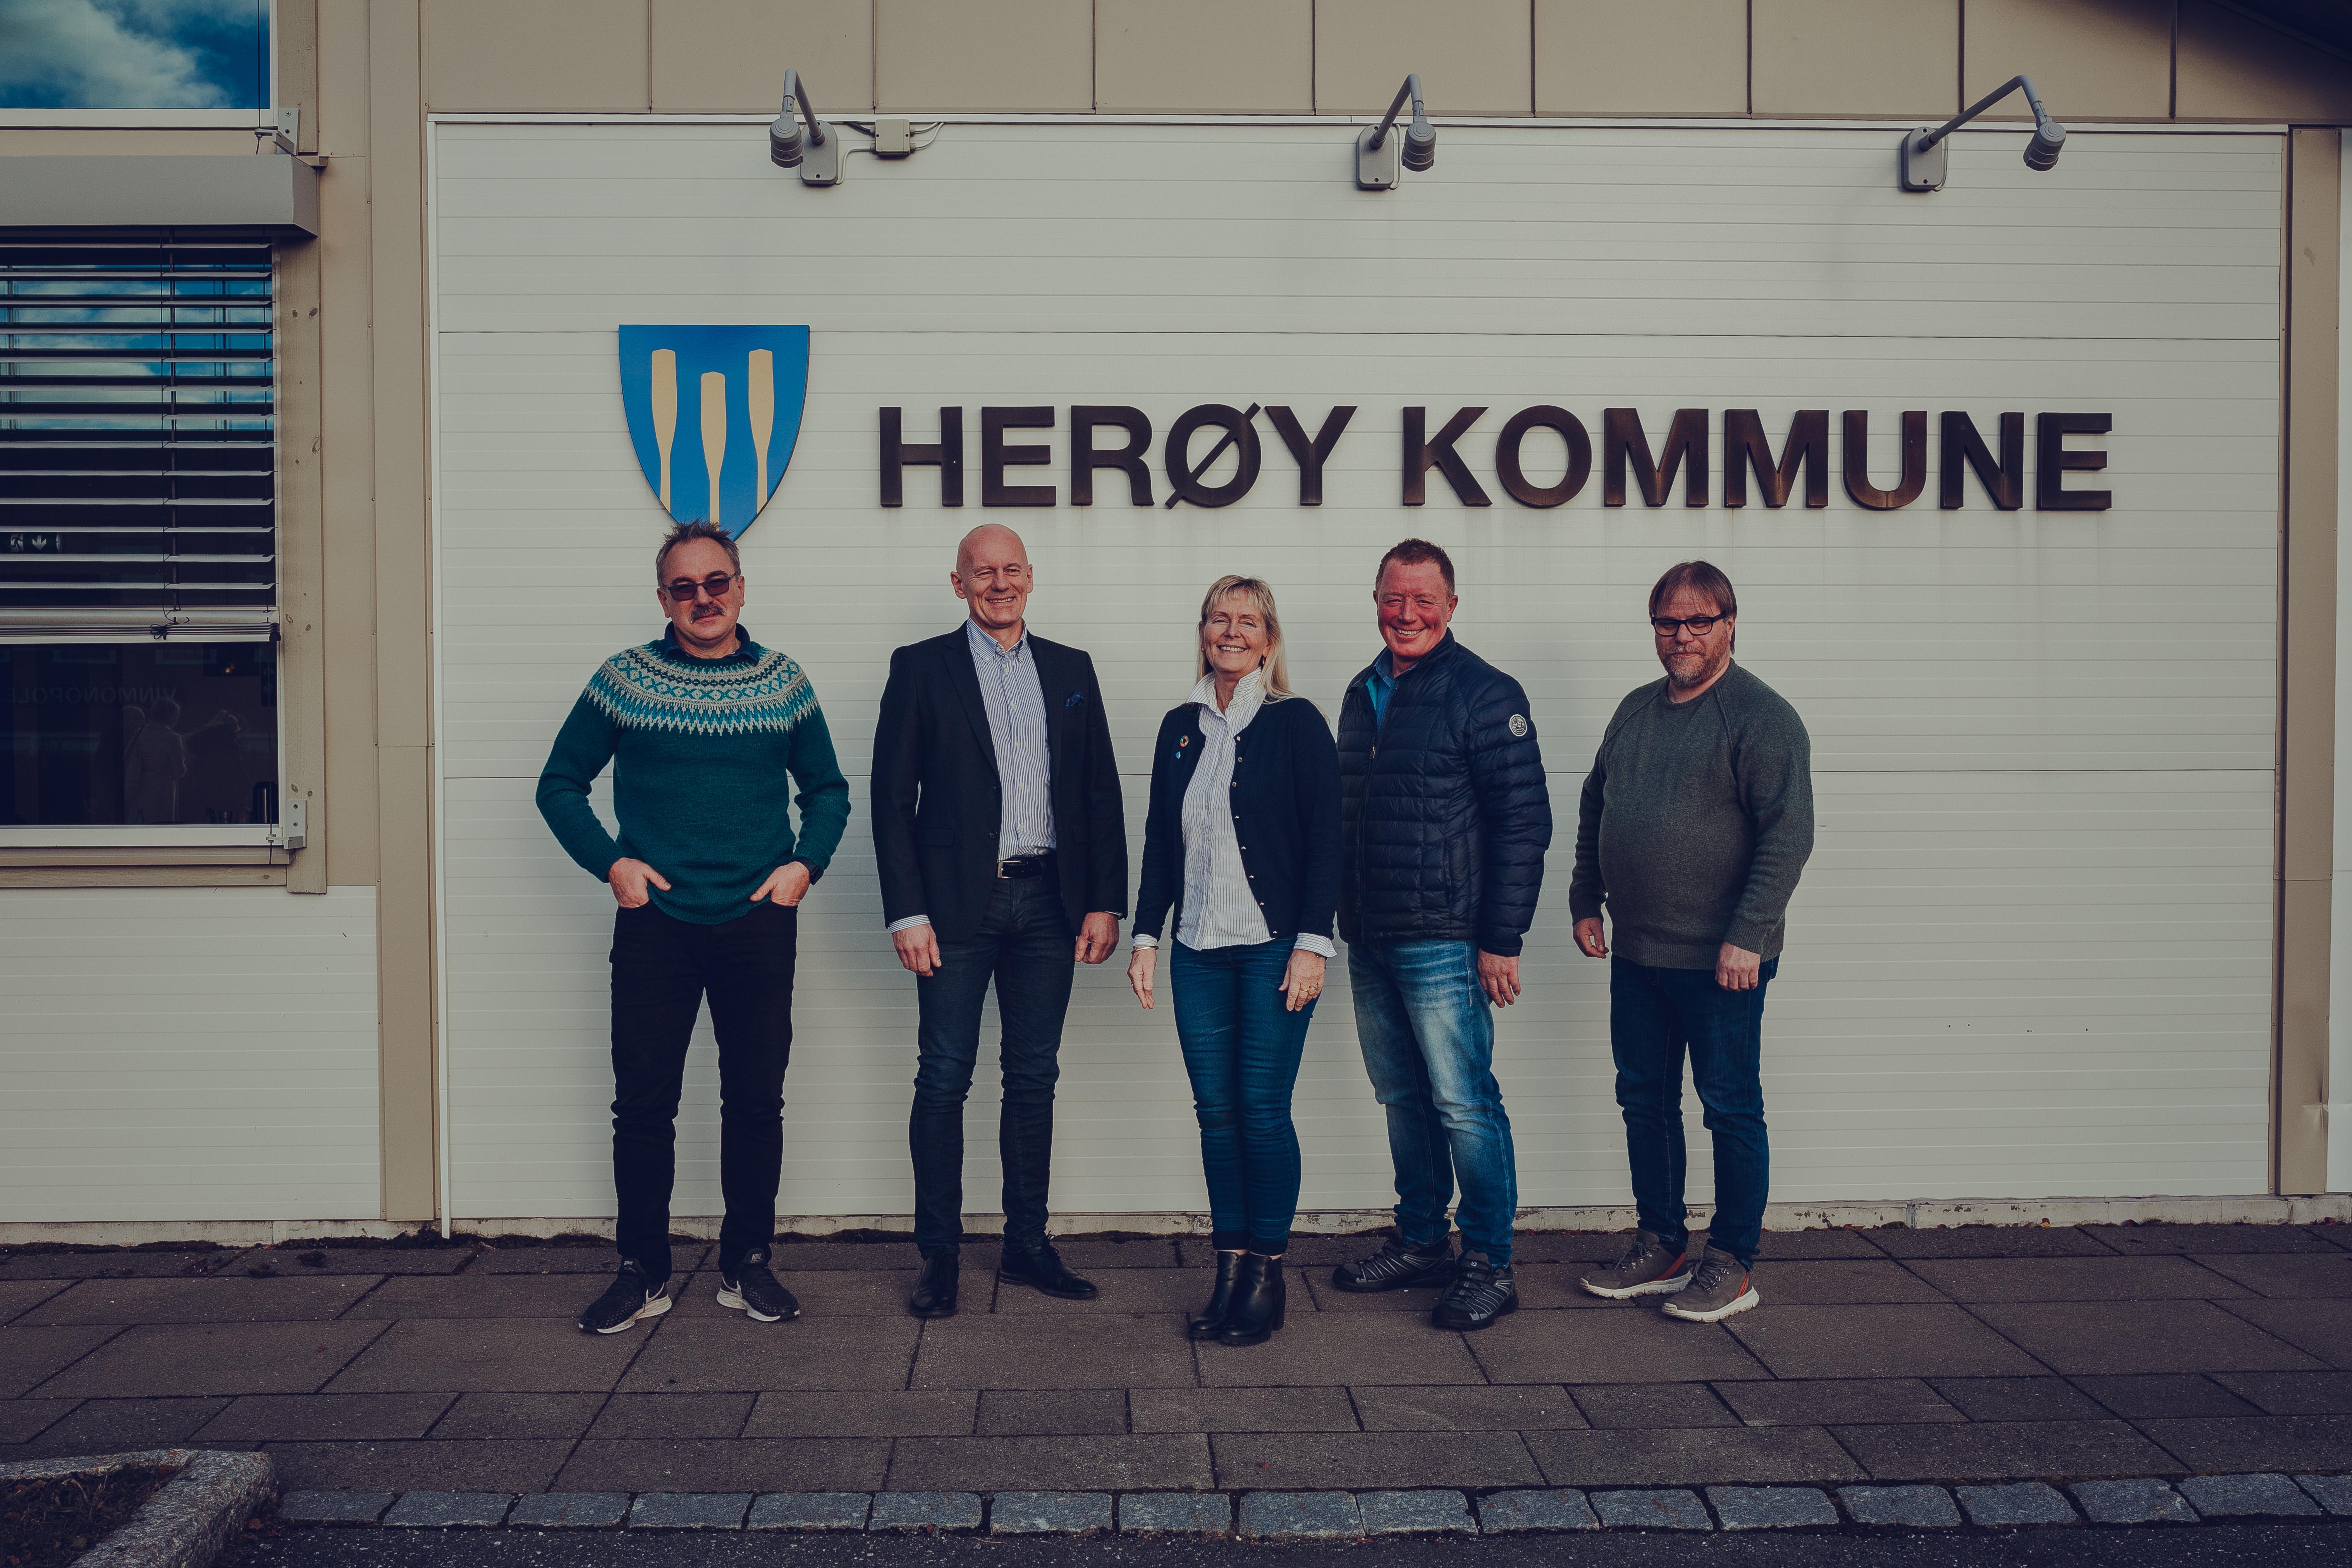 Administrerende direktør i Signal Bredbånd, Ordfører i Herøy Kommune møttes for å markere oppkjøpet av Herøy Fiber AS.